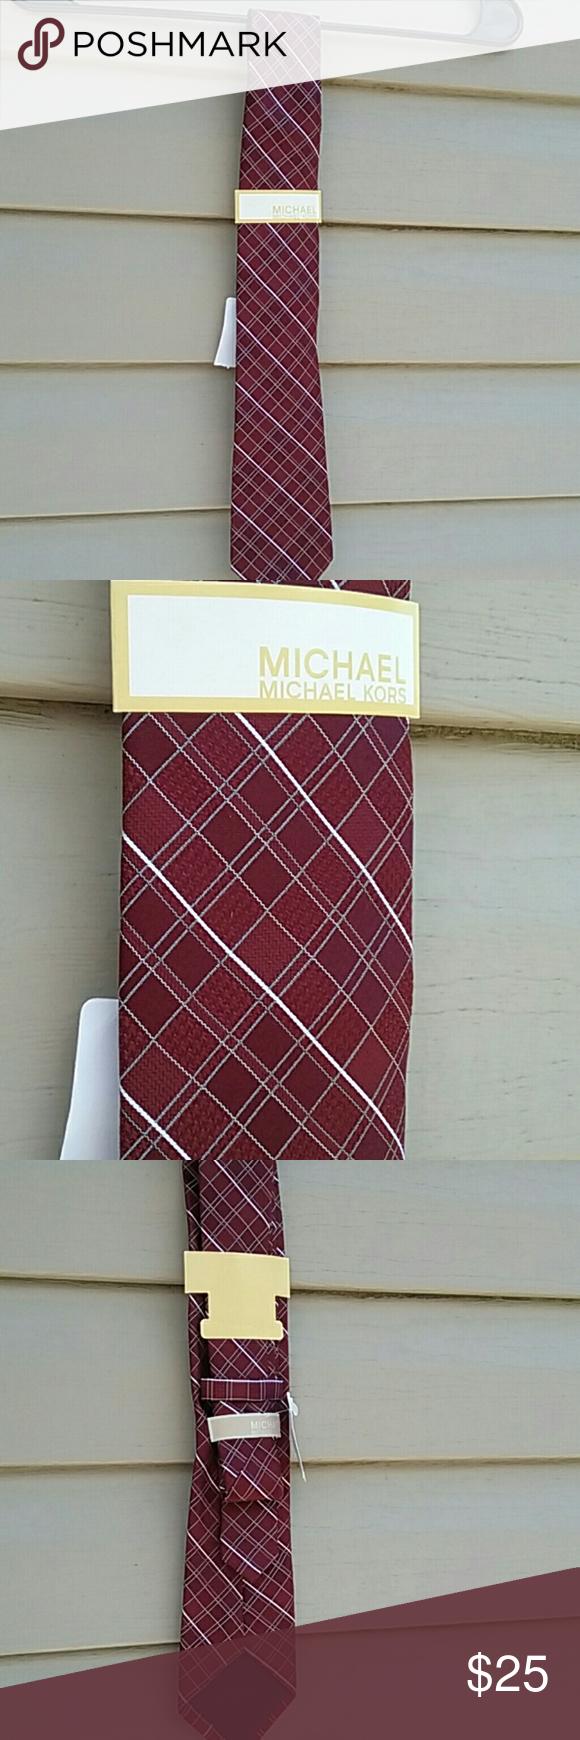 """Michael Kors tie NWT Michael Kors tie """"tonal houndstooth grid"""" burgundy Michael Kors Accessories Ties"""